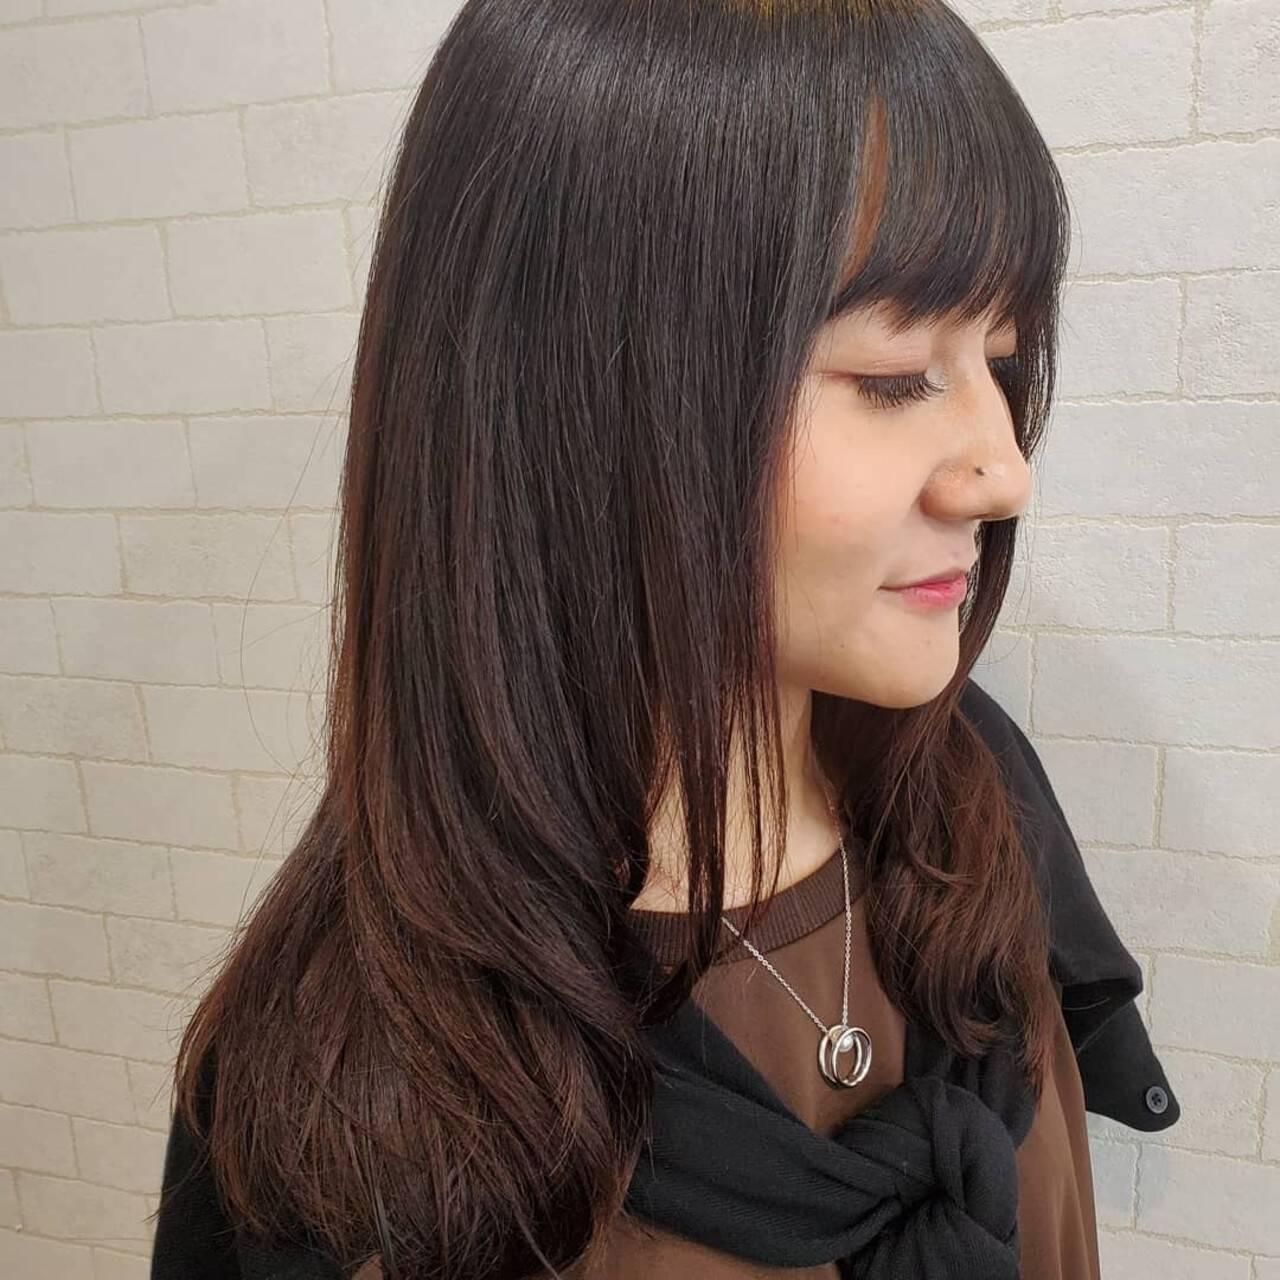 縮毛矯正ストカール エレガント 艶髪 縮毛矯正名古屋市ヘアスタイルや髪型の写真・画像